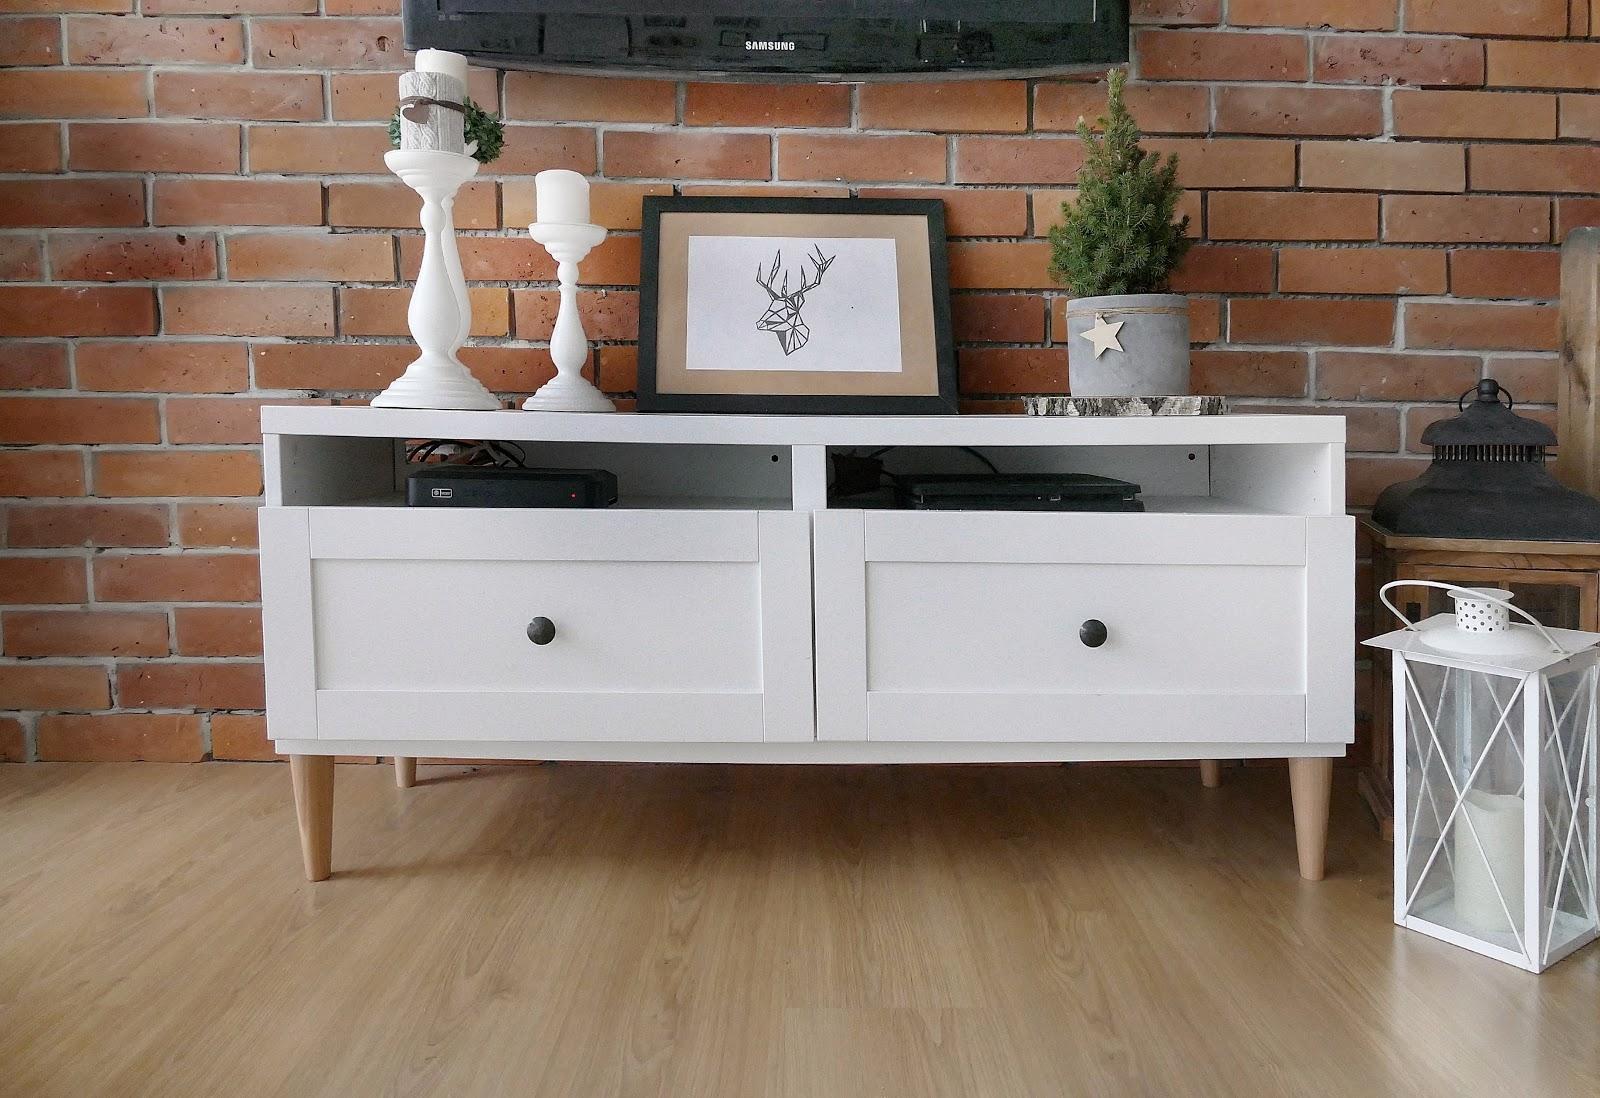 Mój sposób na meble z IKEA - DIY